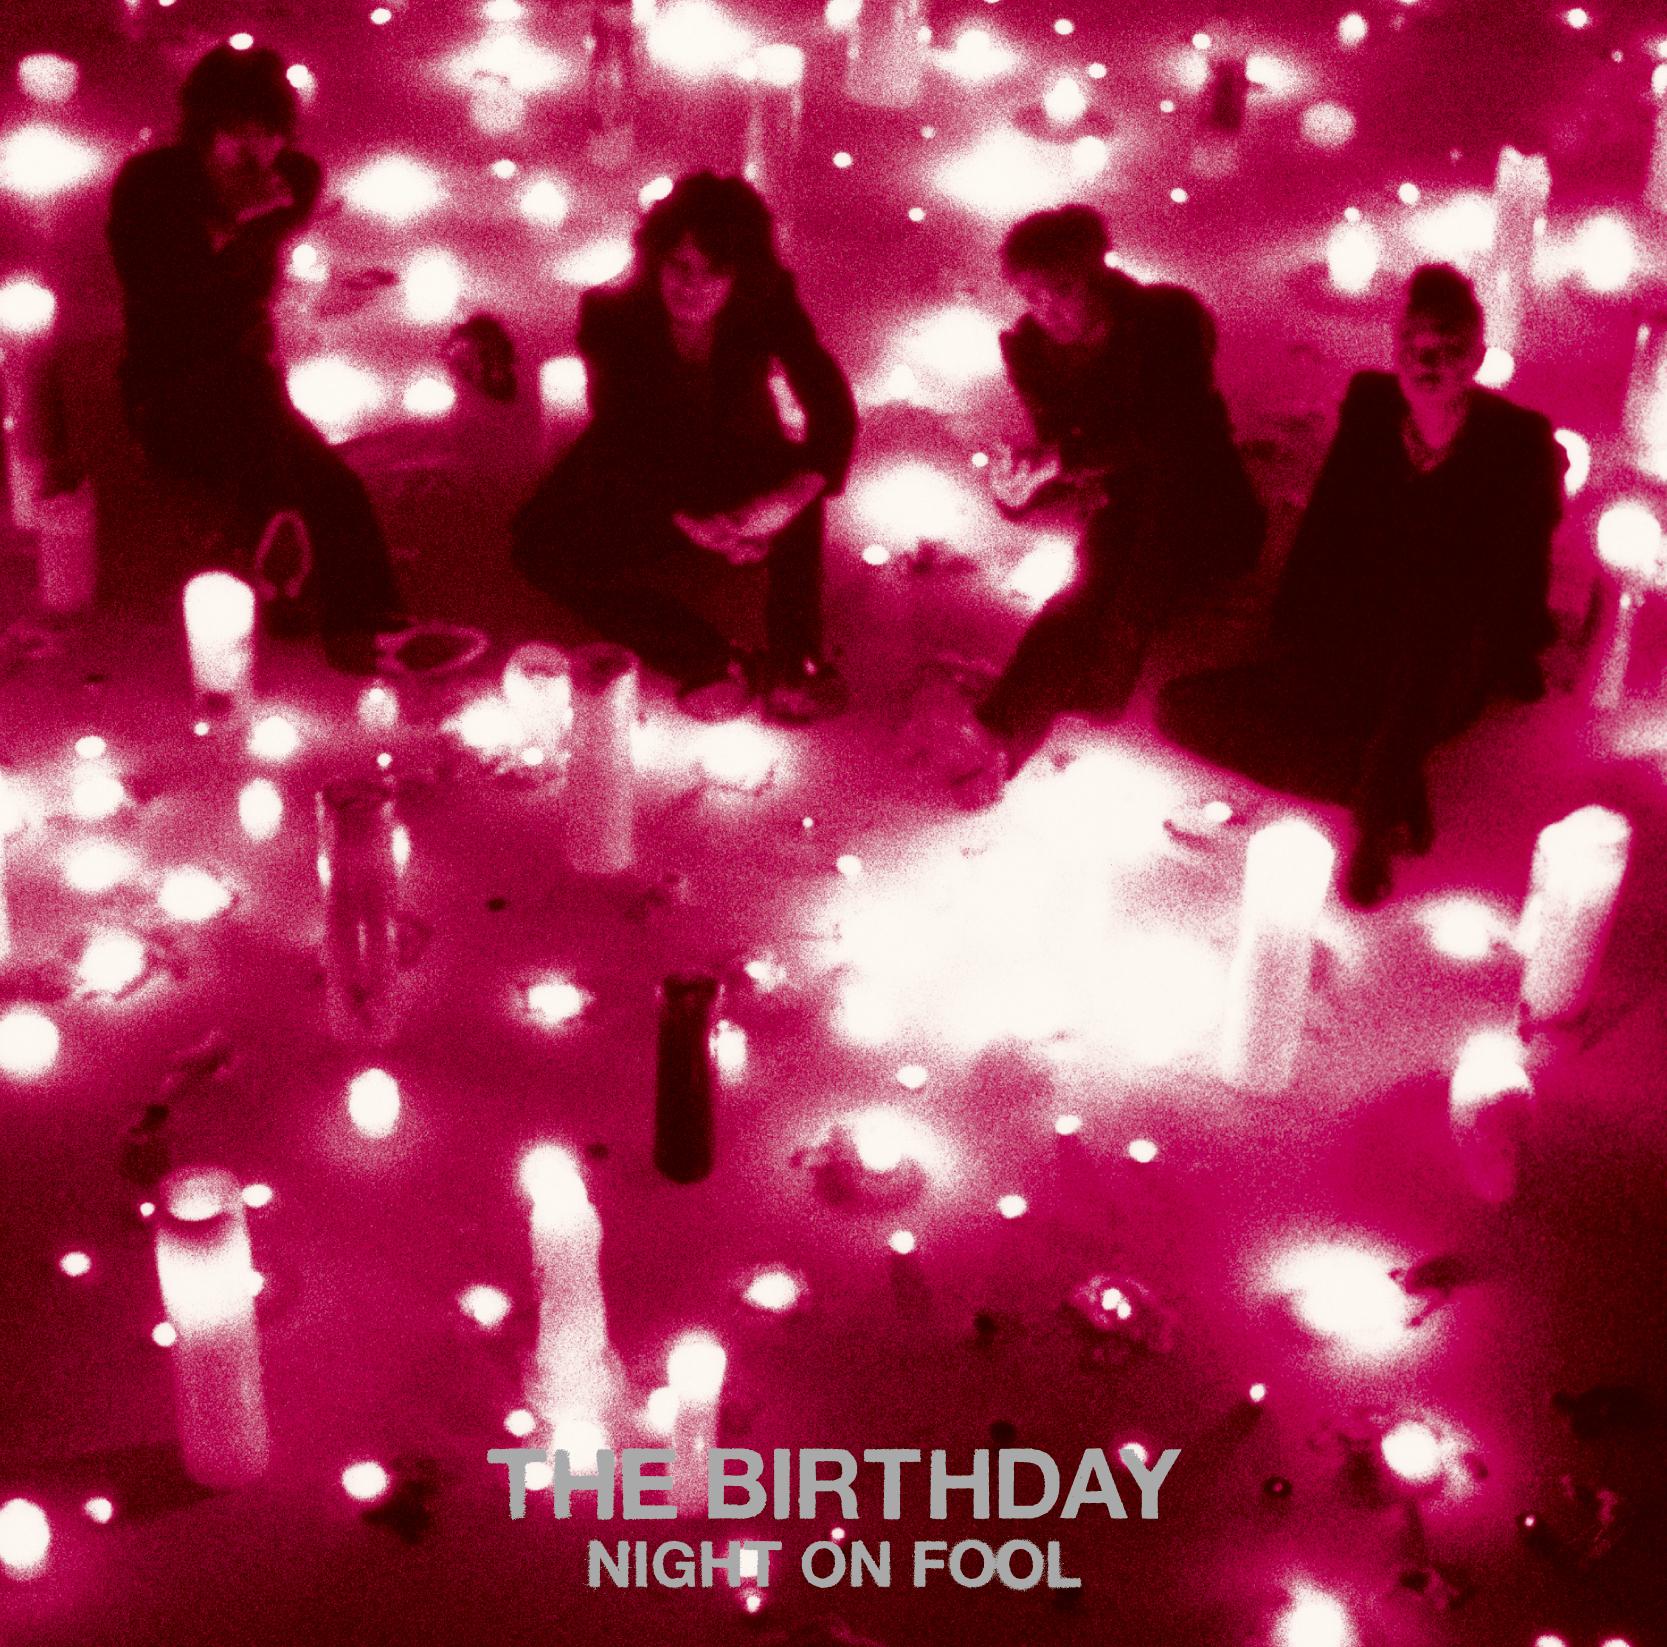 The Birthday 「NIGHT ON FOOL」